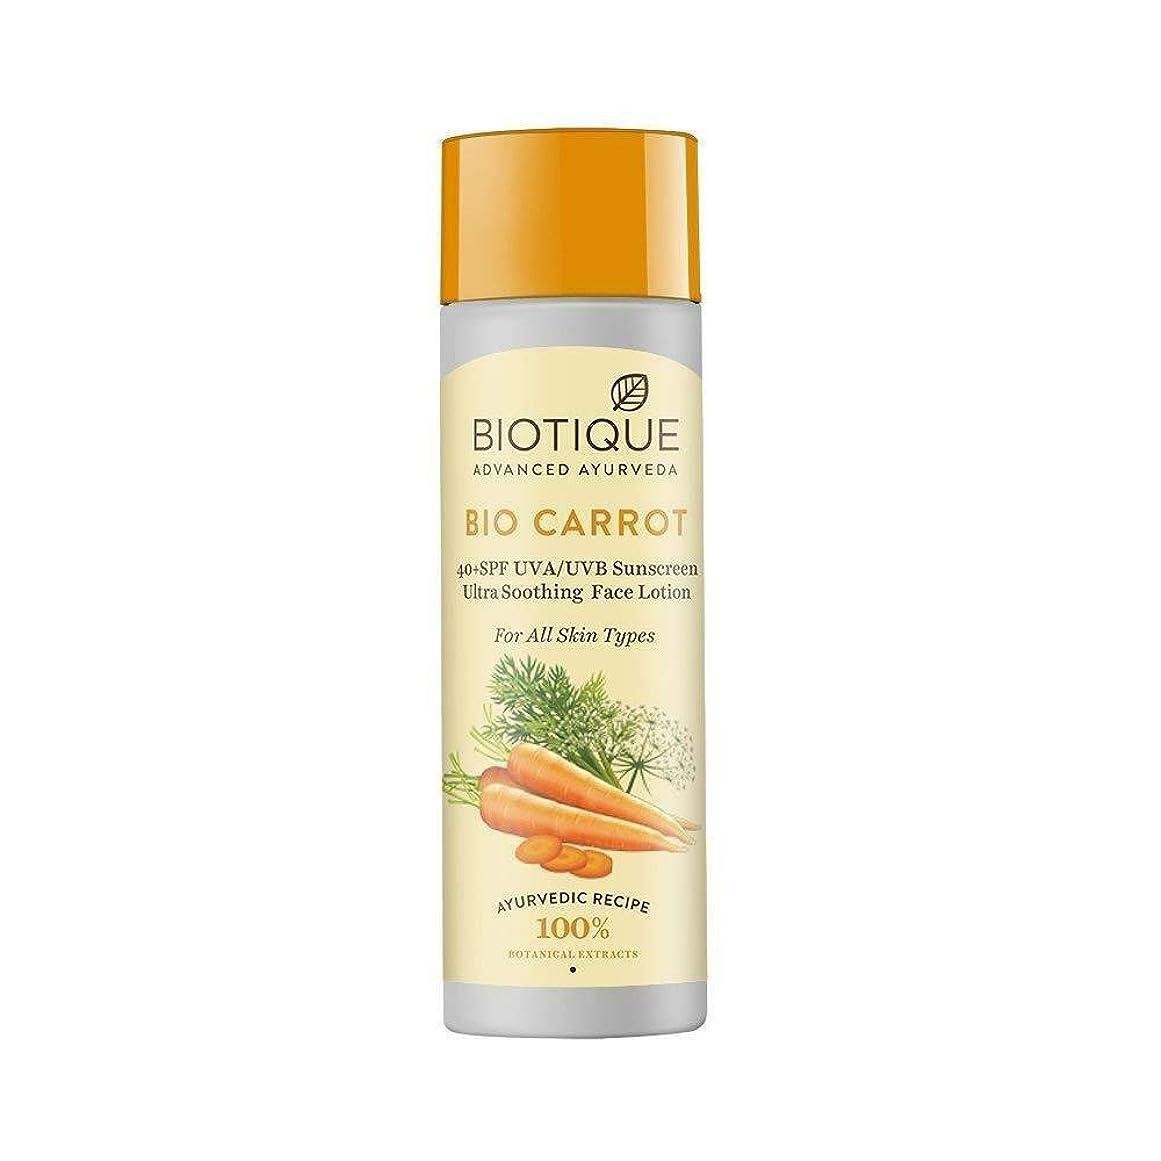 通訳広範囲薄めるBiotique Bio Carrot Face & Body Sun Lotion SPF 40 UVA/UVB Sunscreen 190ml ビオティックバイオニンジンフェイス&ボディサンローションSPF 40 UVA/UVB日焼け止め